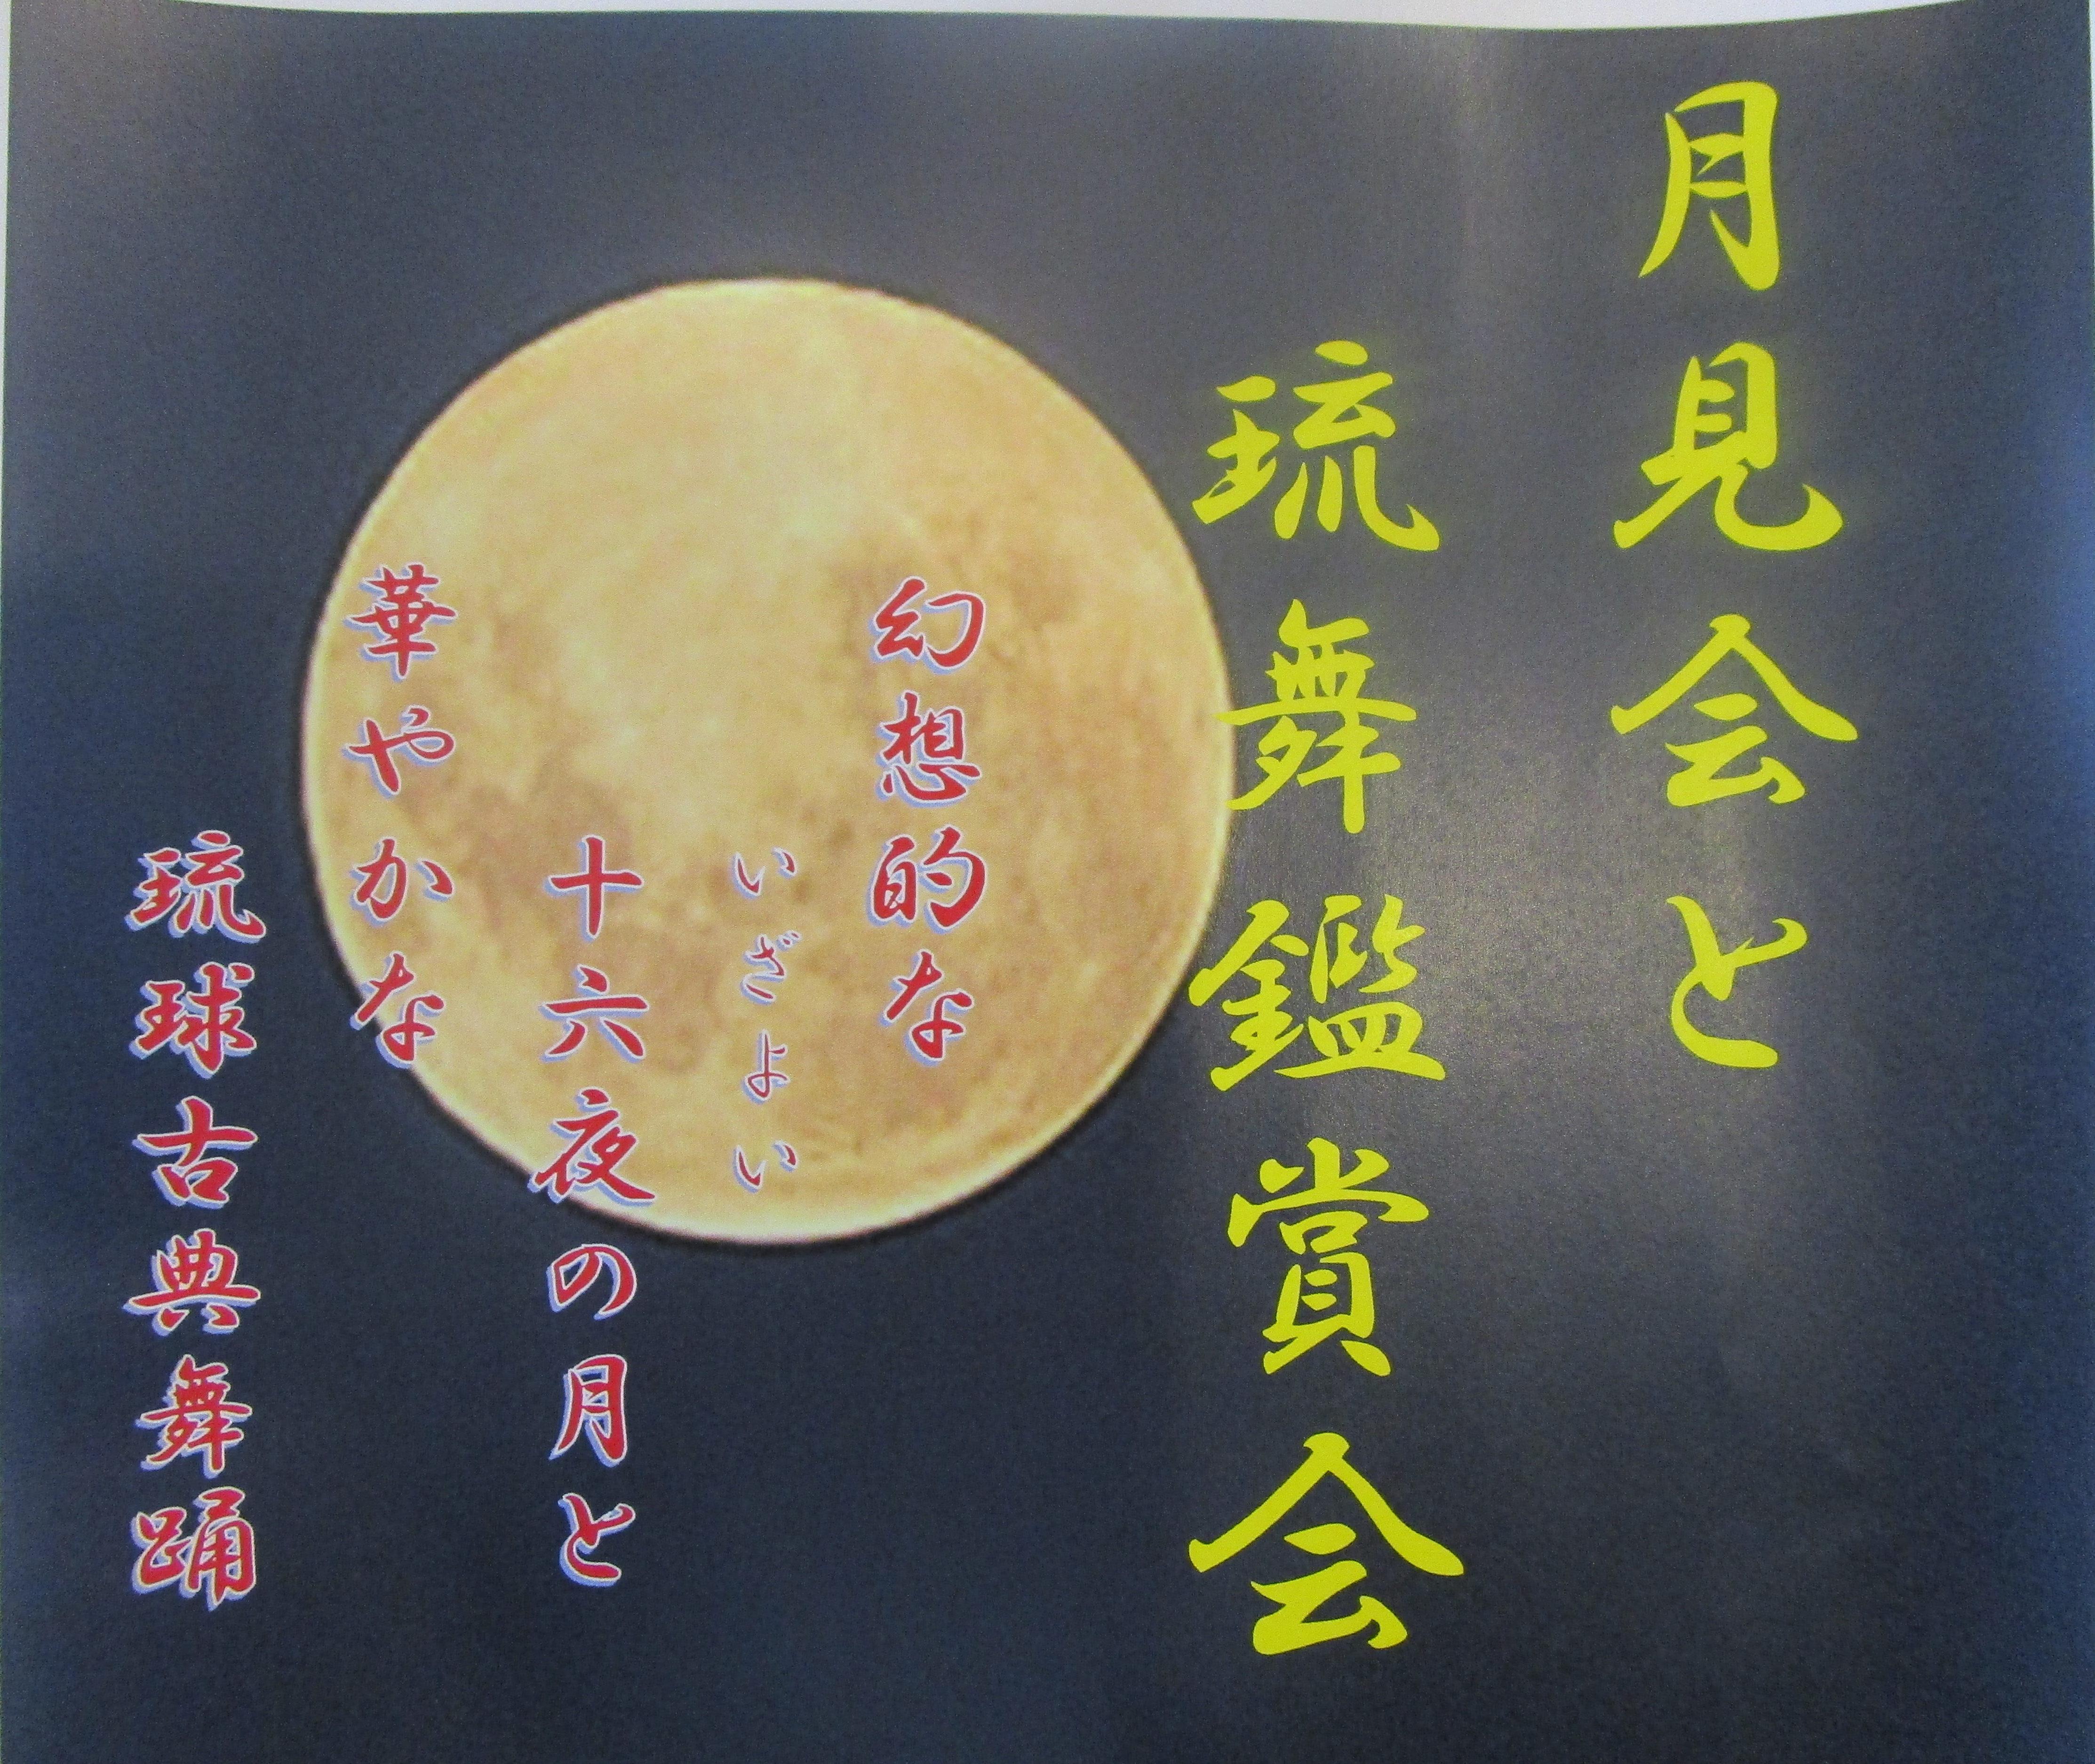 十六夜月見会と琉舞鑑賞会